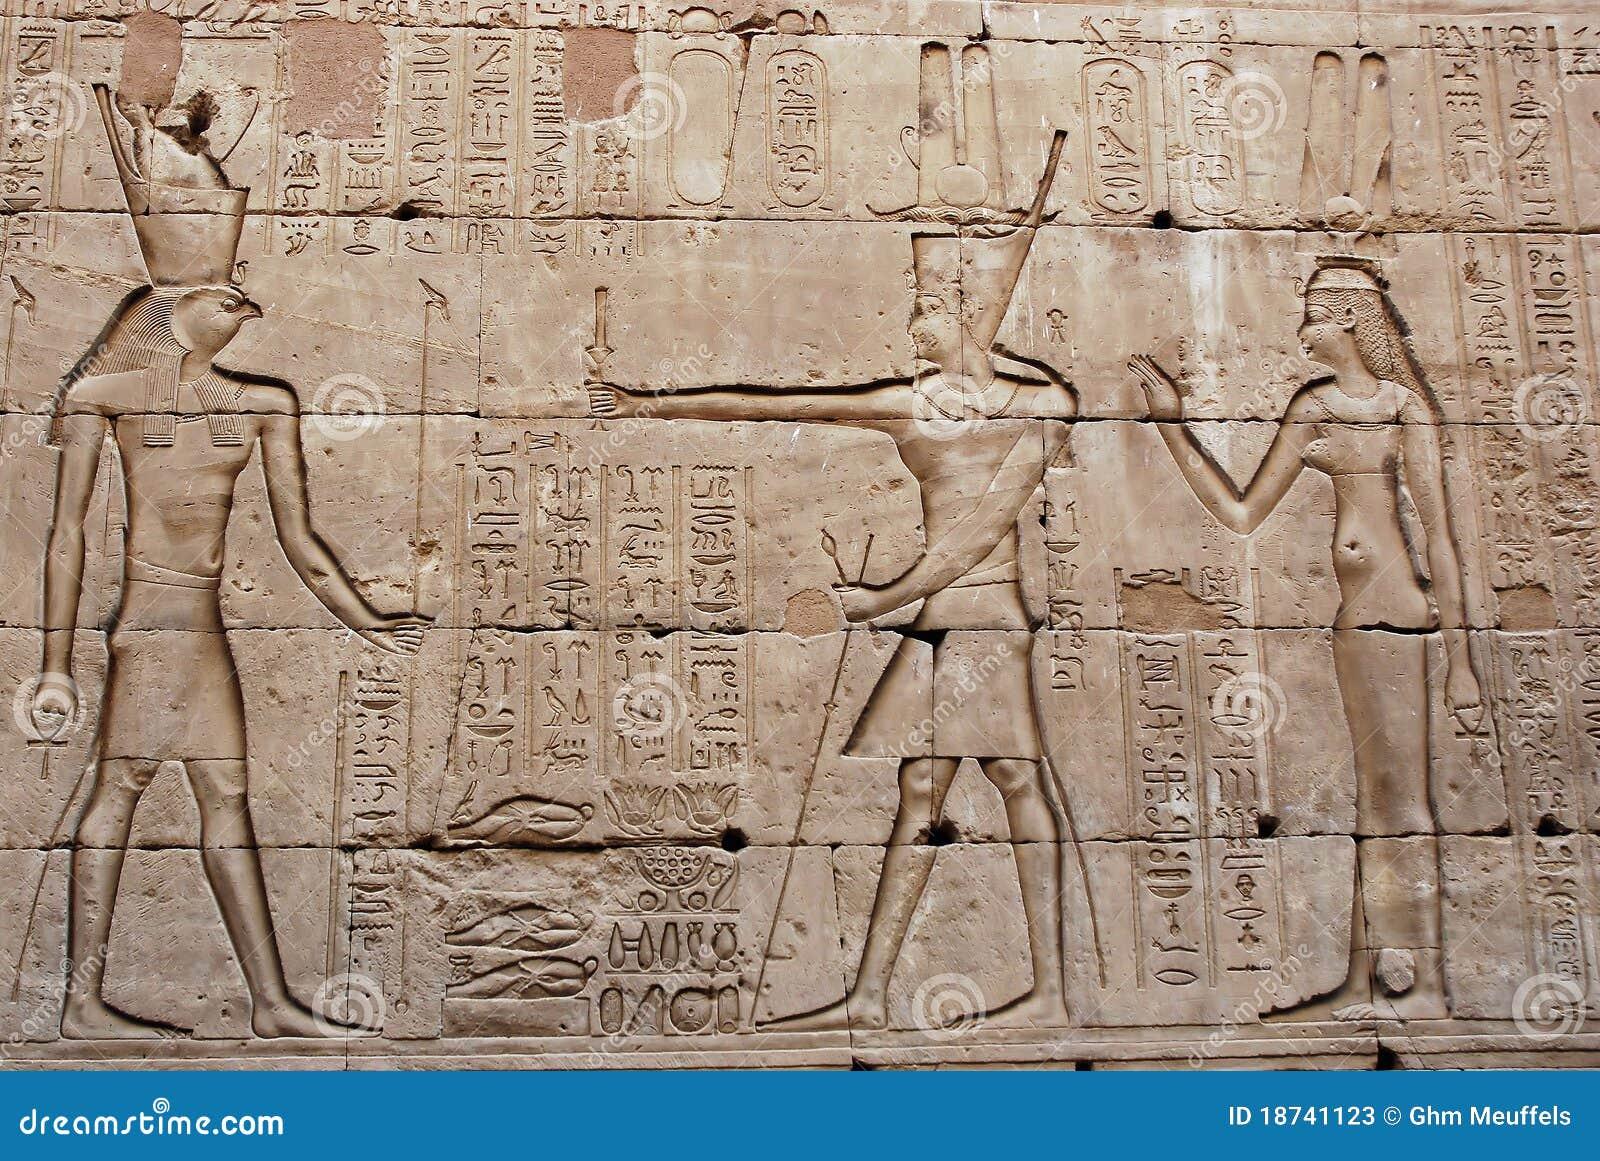 bas relief sur le mur temple d 39 edfu l 39 egypte image. Black Bedroom Furniture Sets. Home Design Ideas